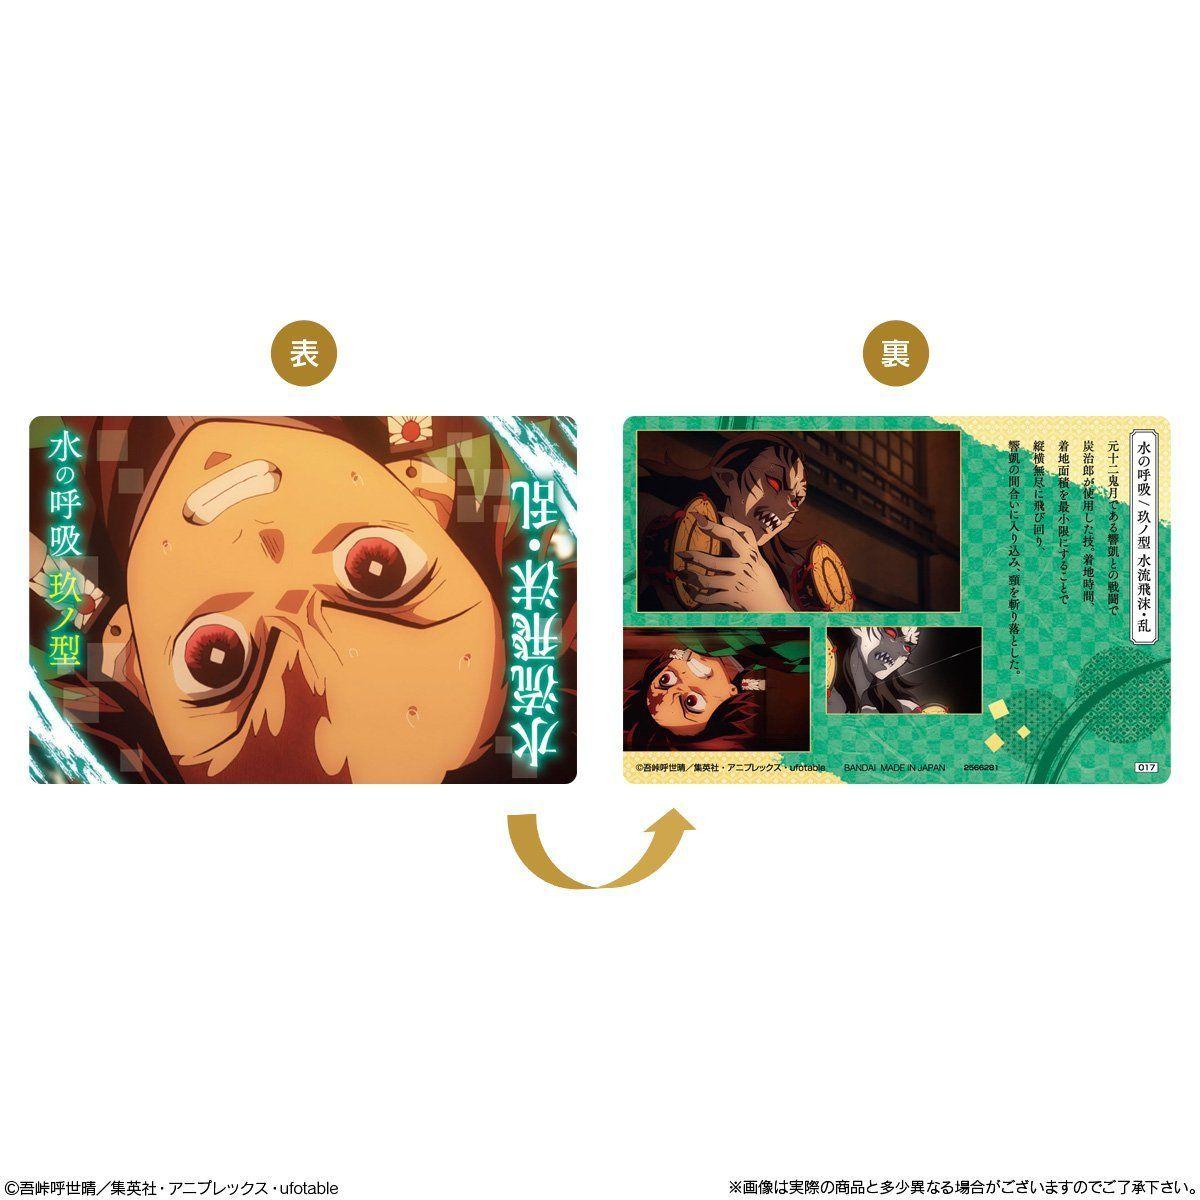 【食玩】鬼滅の刃『鬼滅の刃ウエハース3』20個入りBOX-002